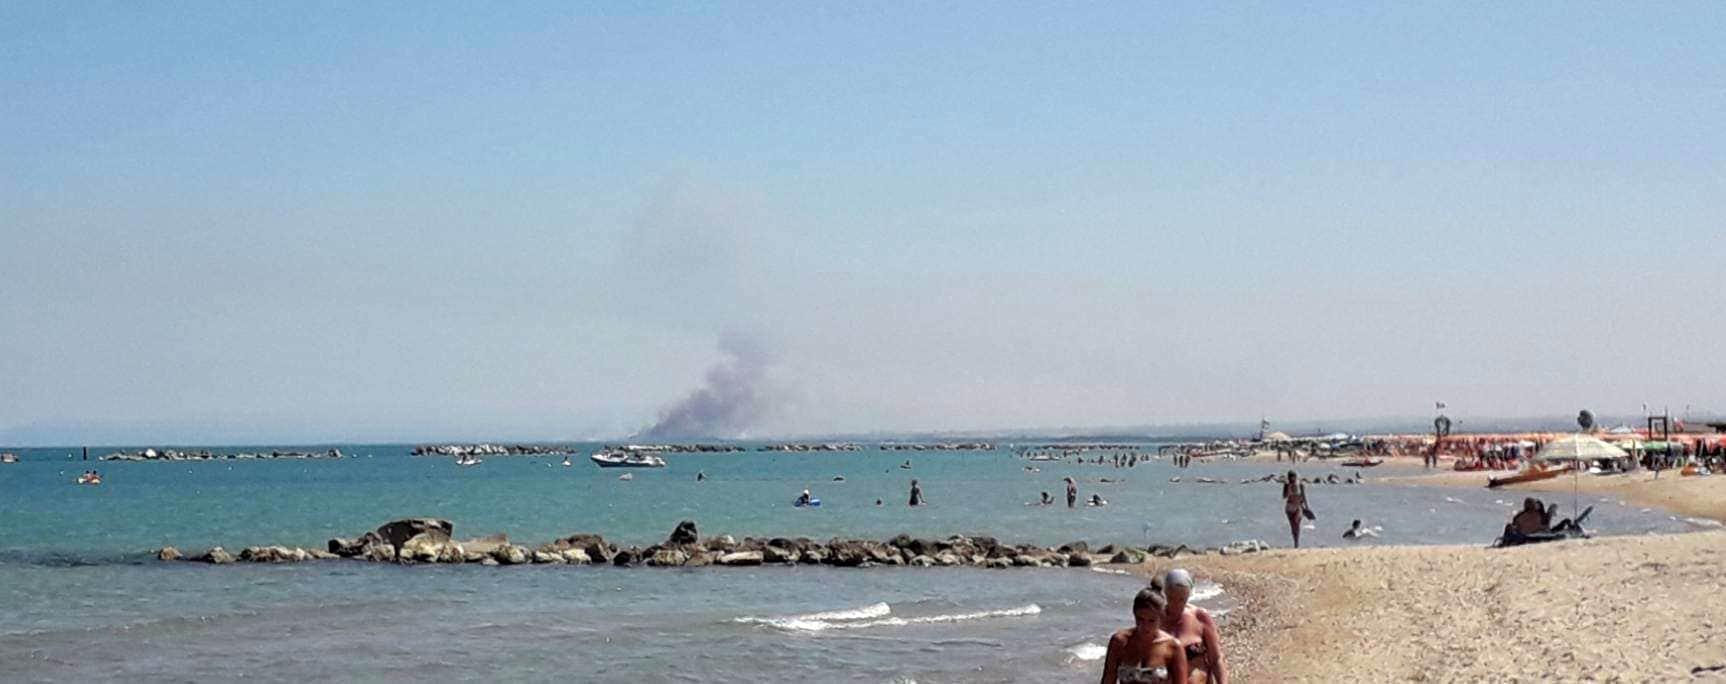 Colonna di fumo dalla spiaggia di Campomarino-2